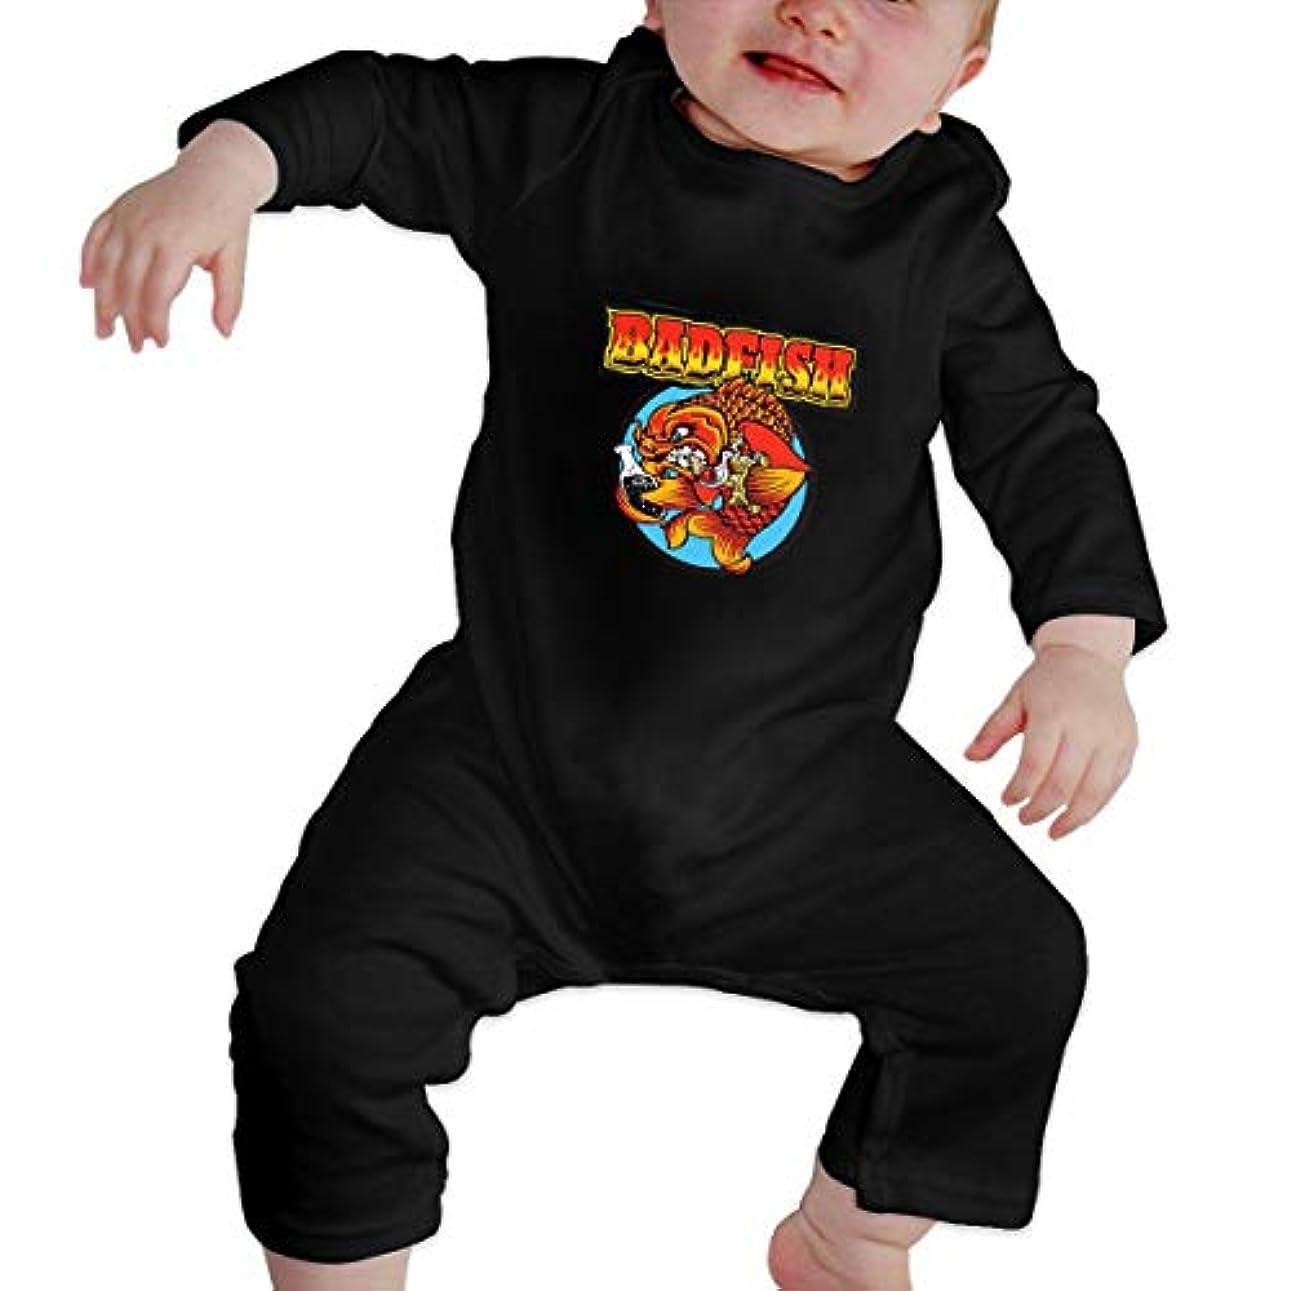 責め水平トロイの木馬Baby ジャンプスーツ ベビー服 長袖ロンパース 子ども服 ボディースーツ ロンパース ベビージャンプスーツ 長袖 赤ちゃん着ぐるみ サブライム 出産祝い プレゼント キッズカバーオール 肌着 可愛い